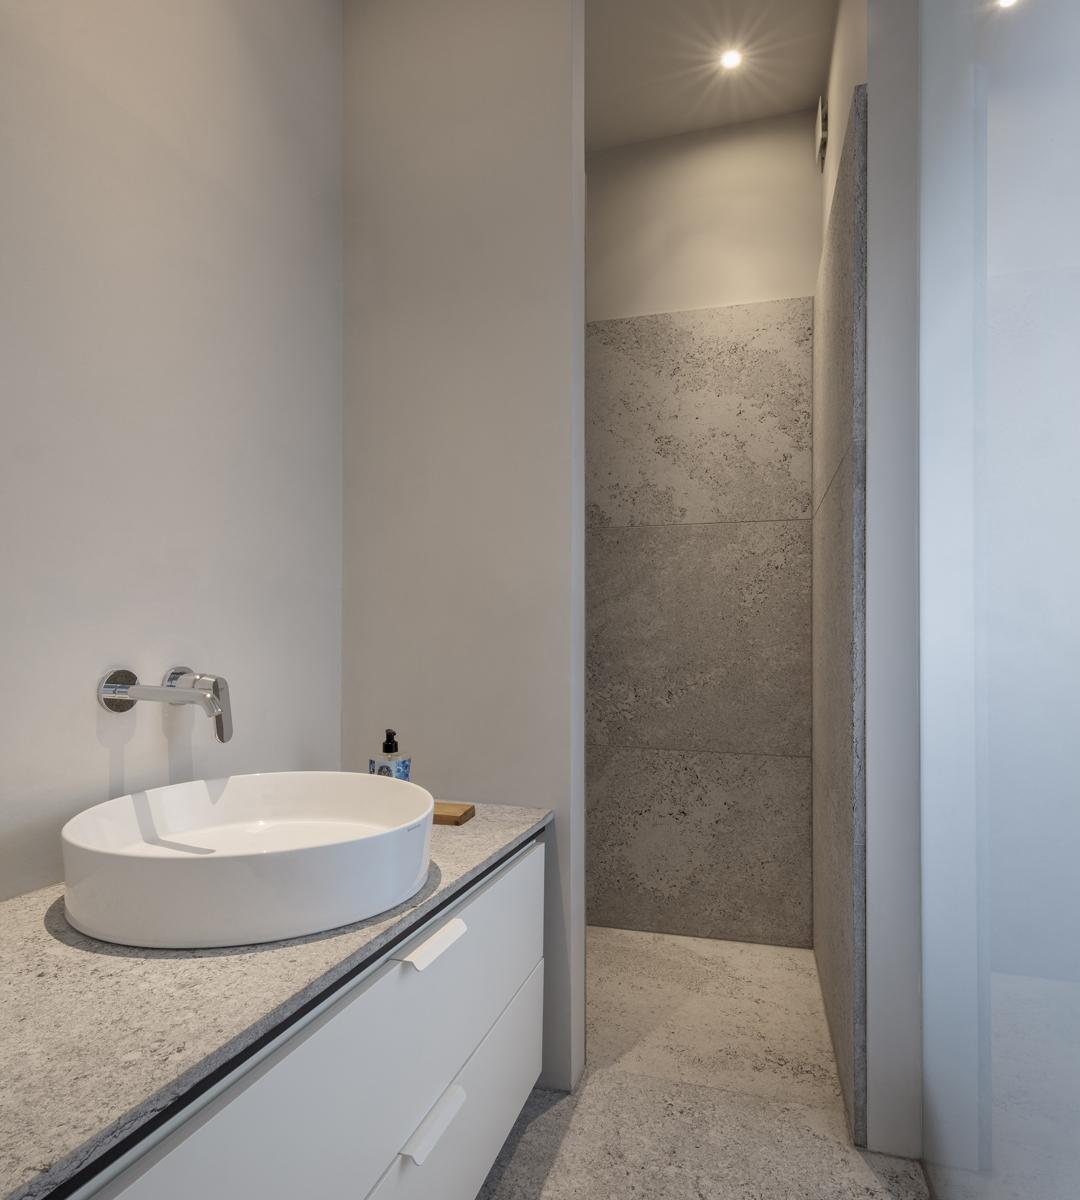 Durch die Verwendung von großformatigen Natursteinplatten mit gekordelter Oberfläche in der Badgestaltung entsteht ein intensiver und elegant wirkender Raum